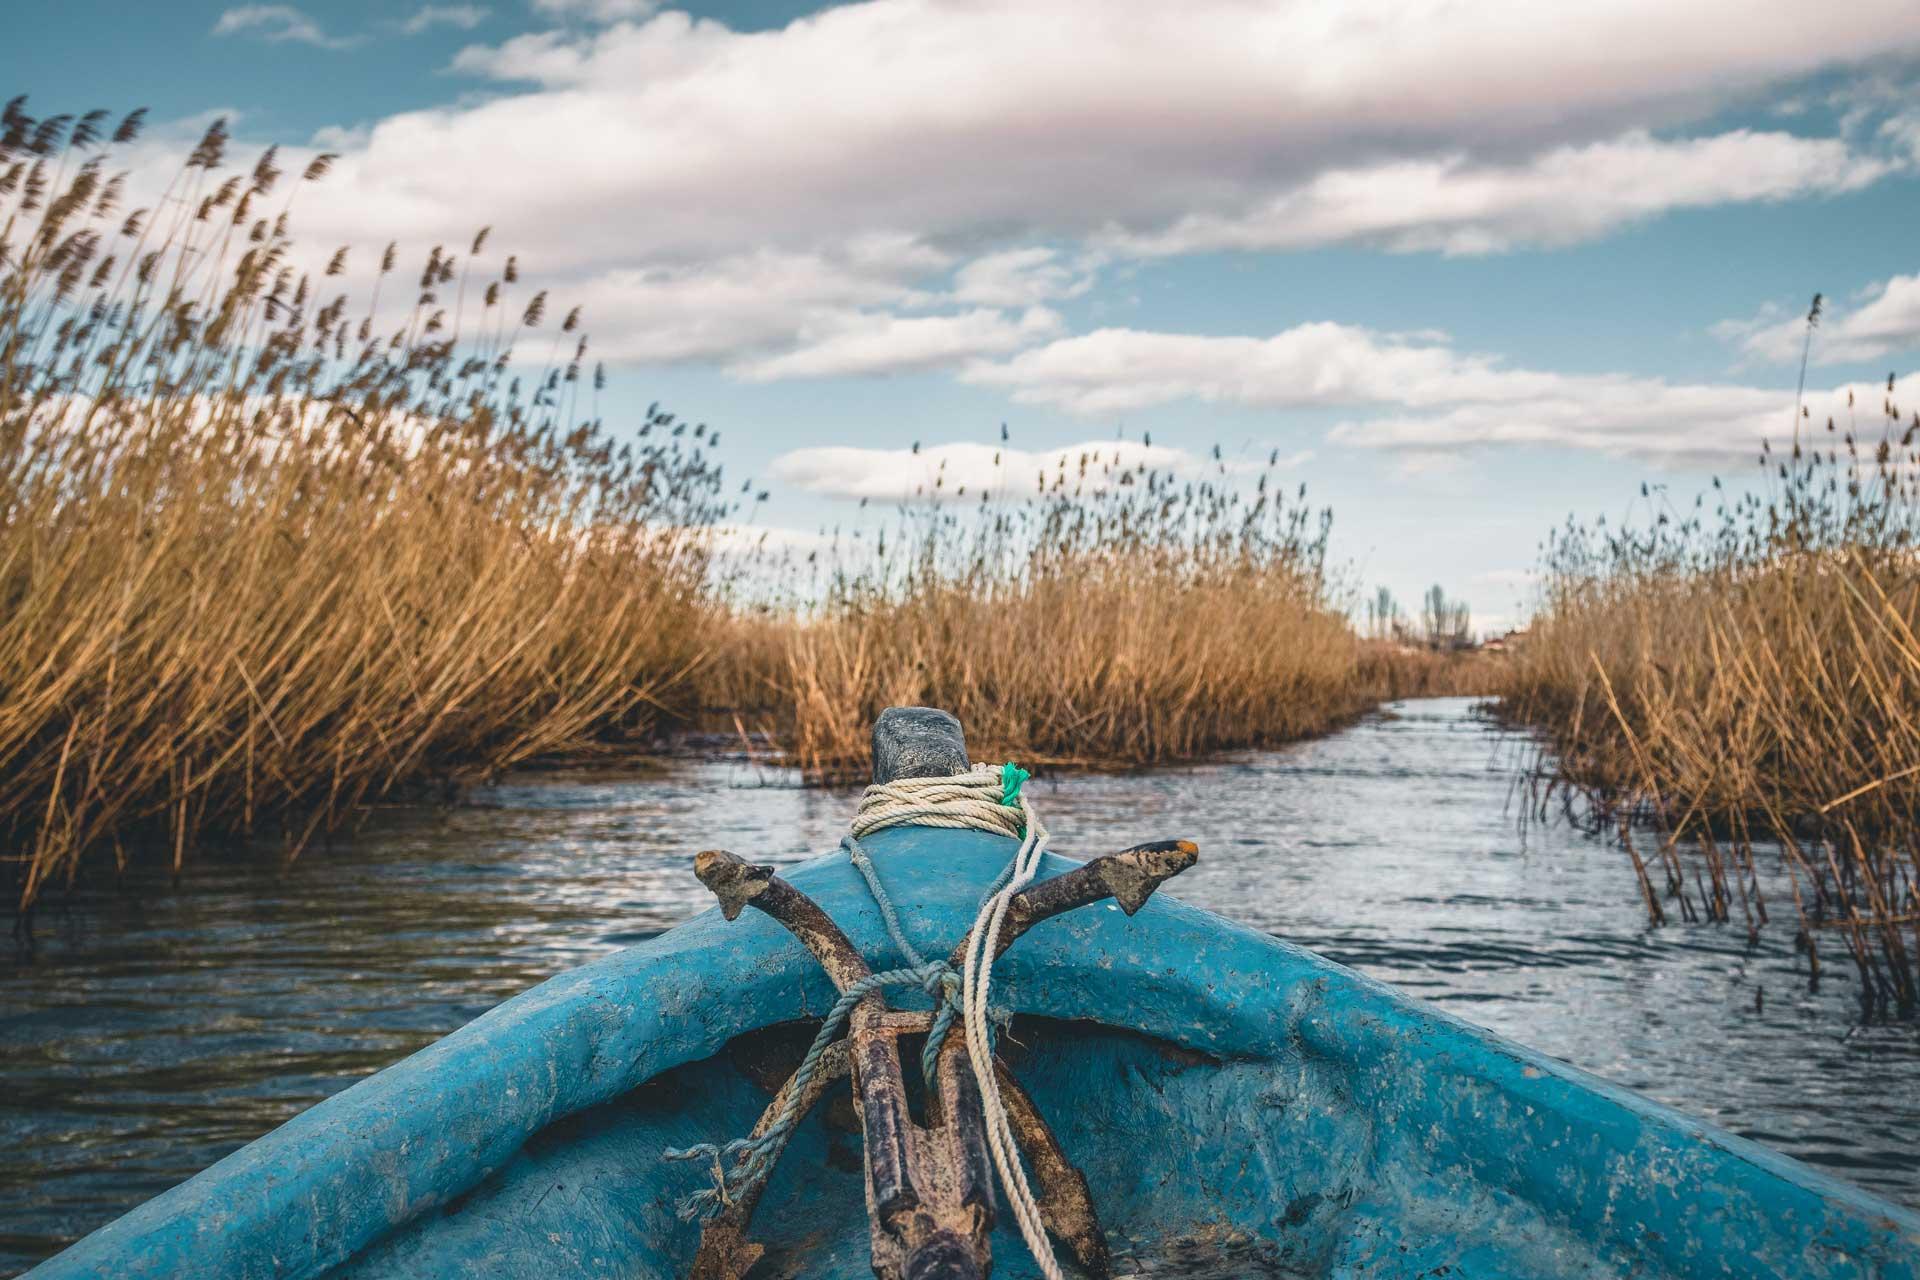 Beyşehir Gölü Fotoğrafları Tekne Gezisi Çekergezer Hakan Aydın Fotoğrafları